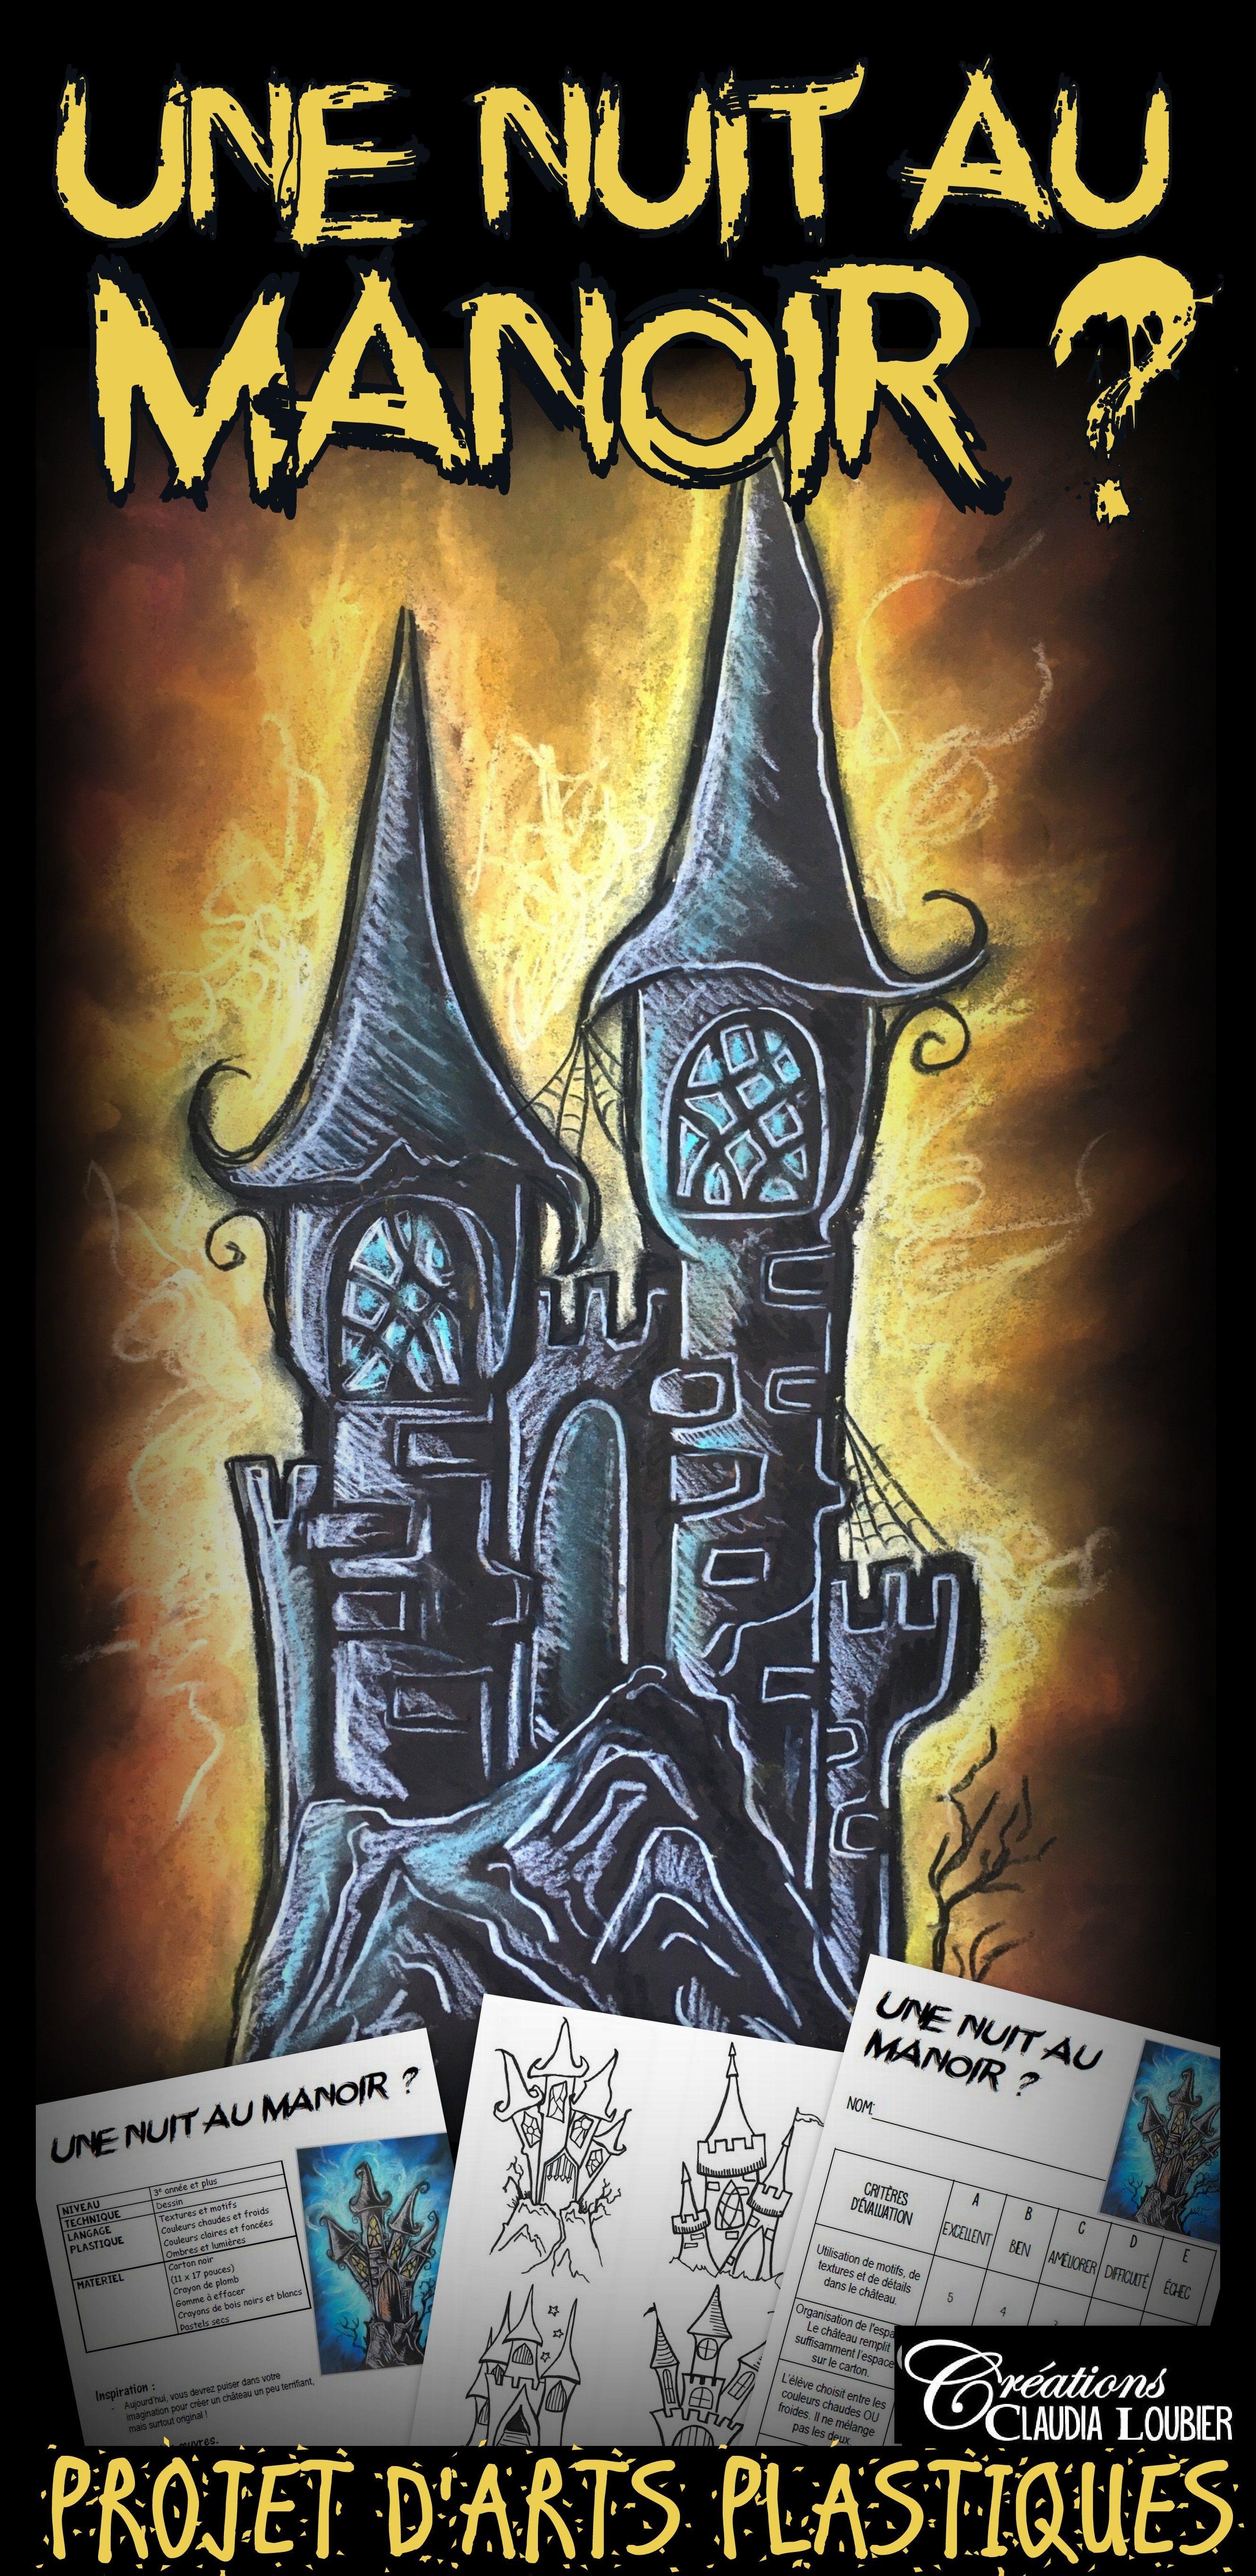 Projet Arts Plastiques Halloween Chateau Hante Voici Donc Une Nuit Au Manoir Un Halloween Art Lessons Art Lesson Plans Middle School Art Projects